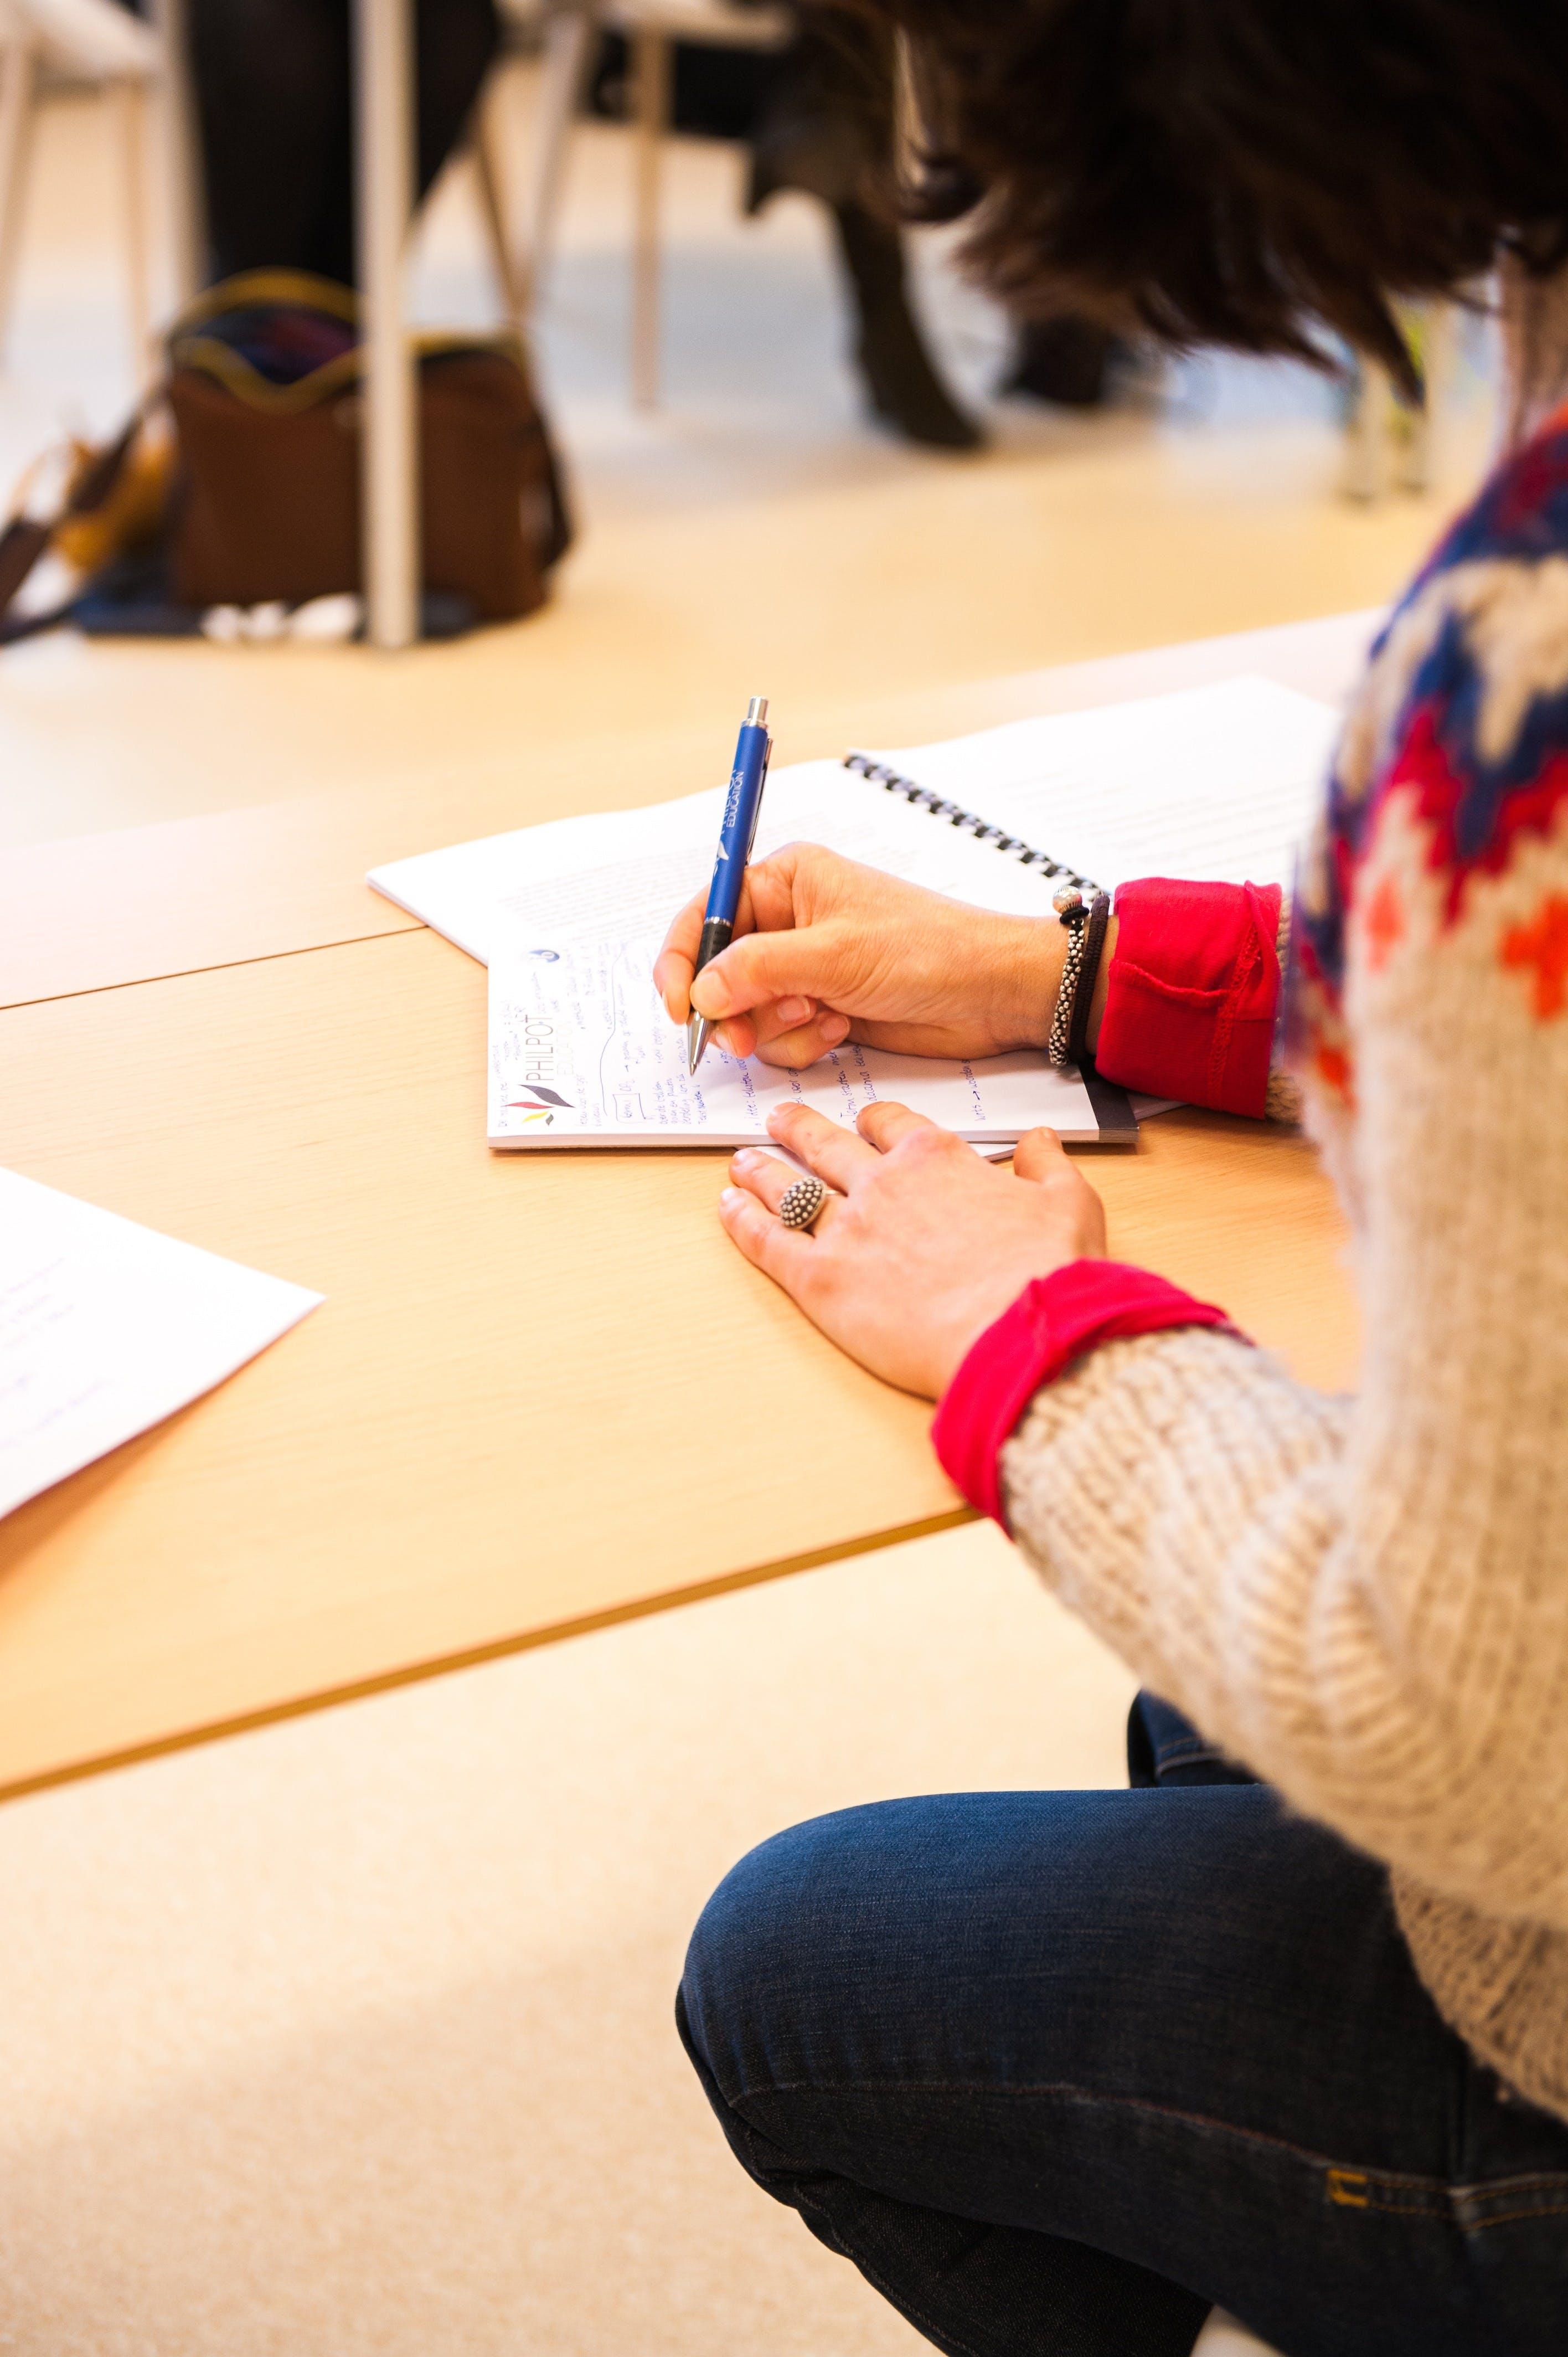 Kostnadsfri bild av anteckning, anteckningar, anteckningsbok, barn